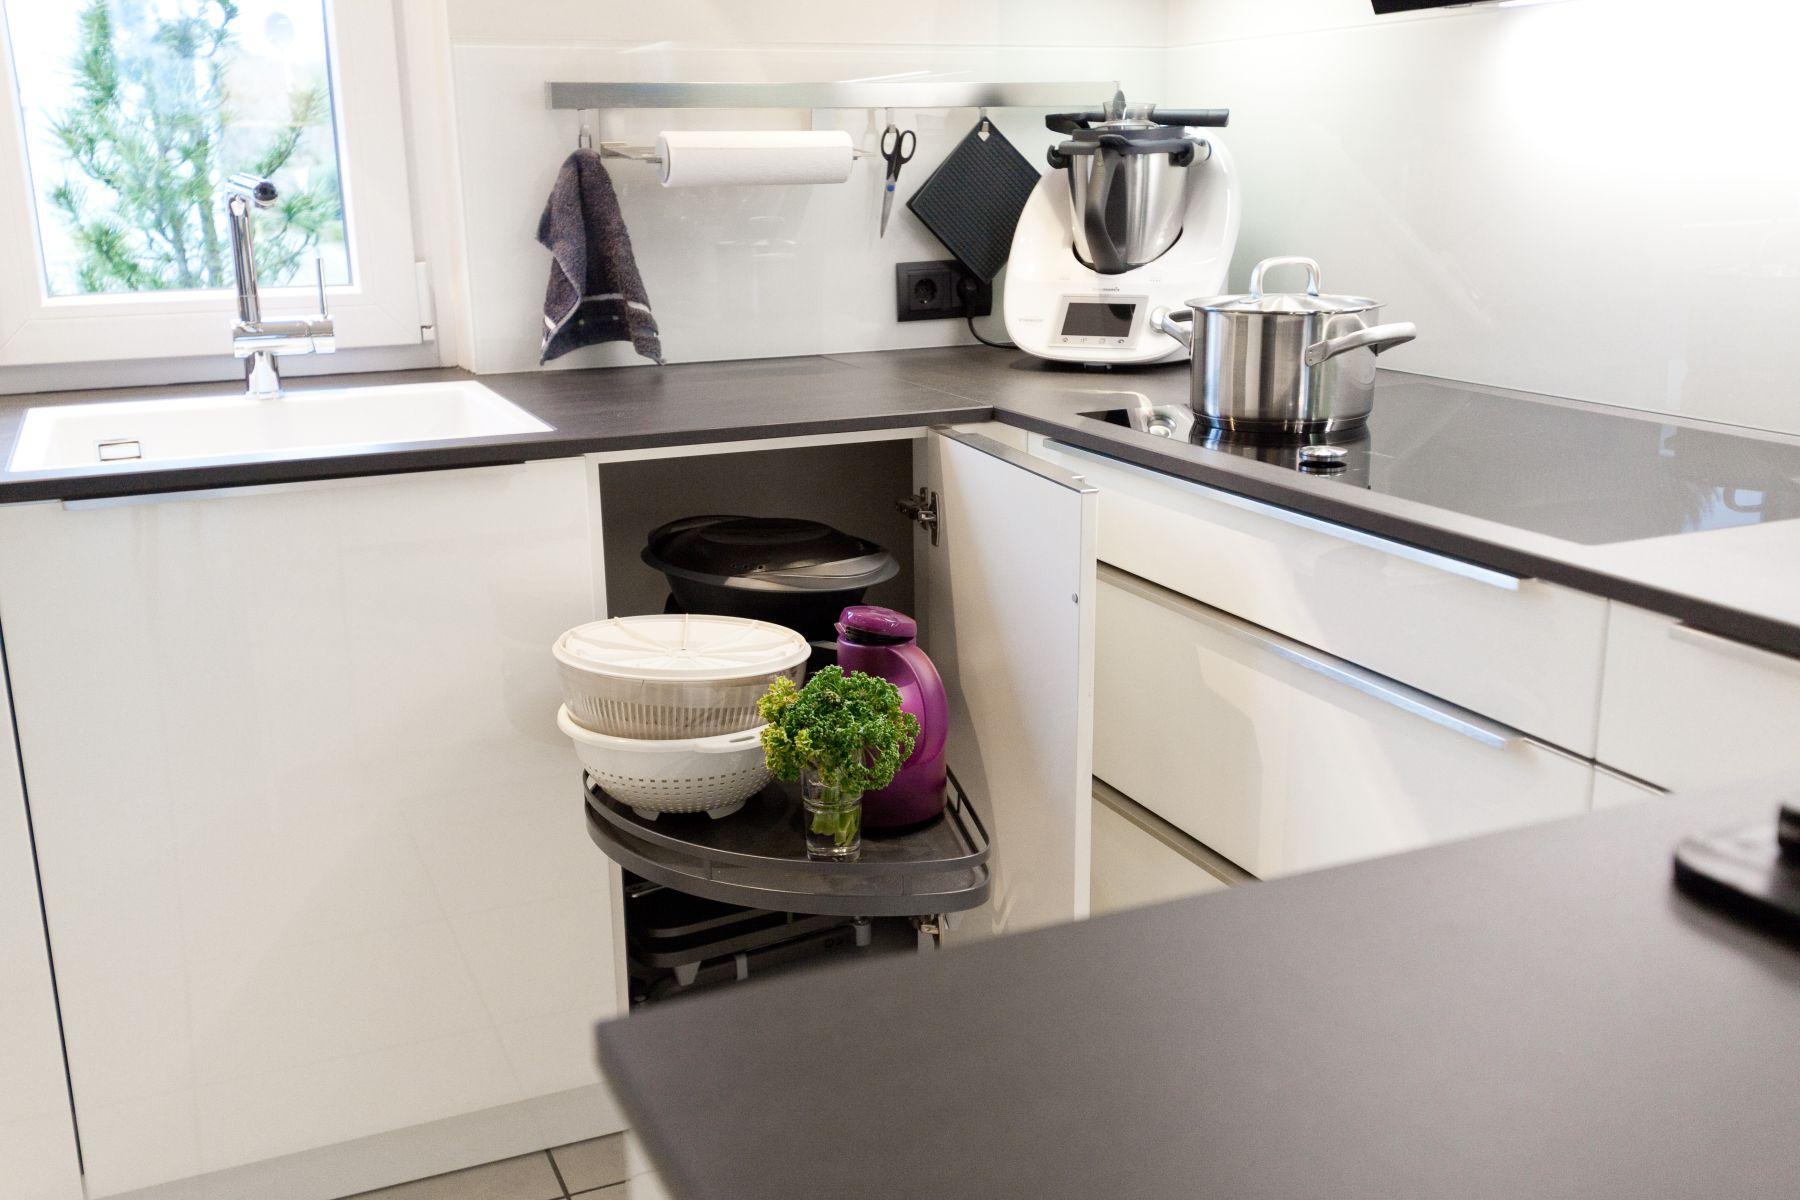 Küche weiß arbeitsplatte holz  Kuche Weiss Arbeitsplatte Holz ~ poipuview.com